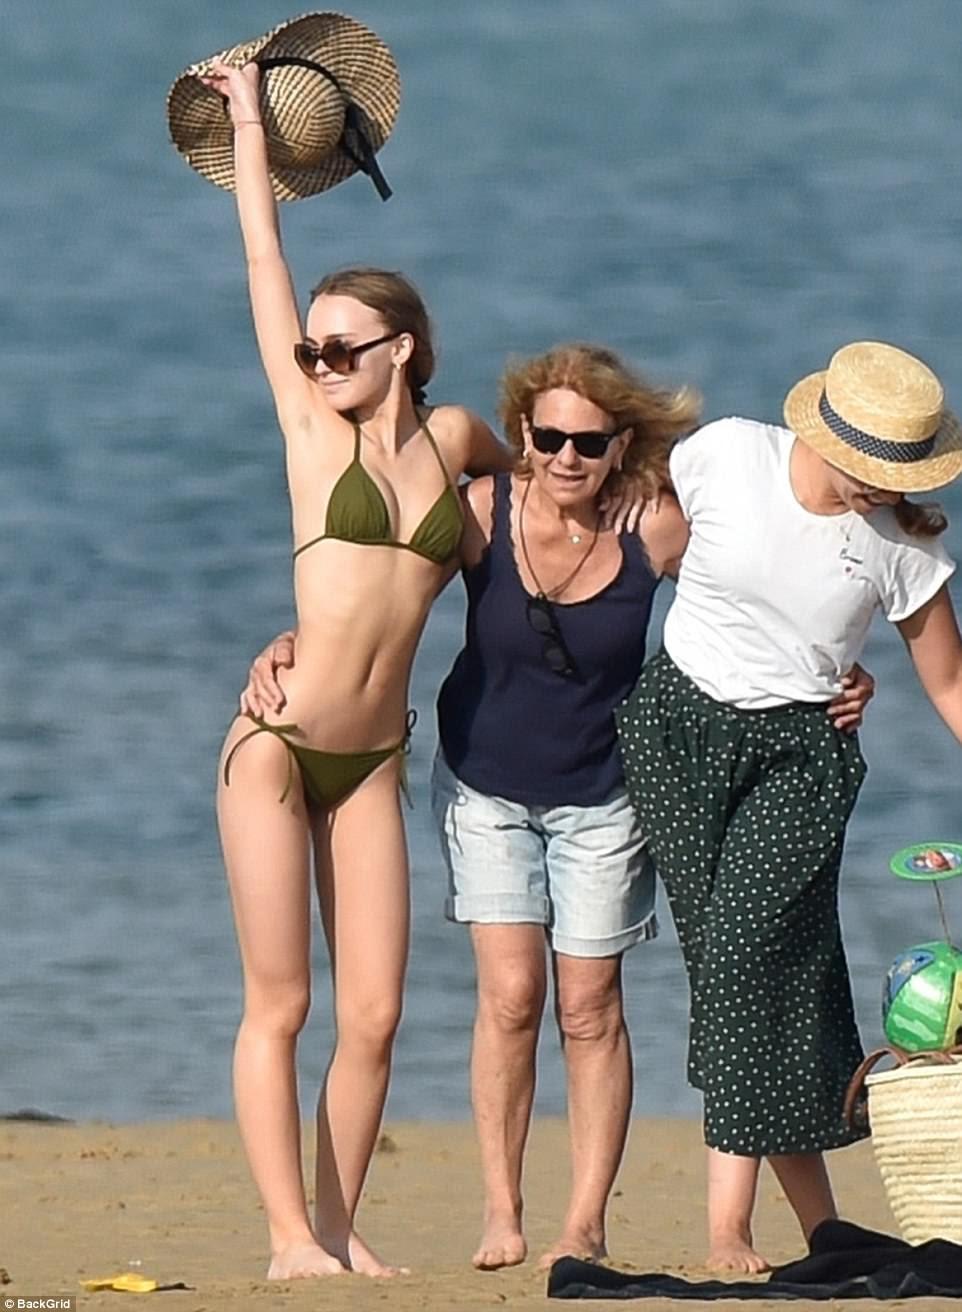 Férias européias: no sábado, Lily-Rose Depp, de 18 anos, absorveu os últimos dias de verão com uma viagem à ilha de Ré na França